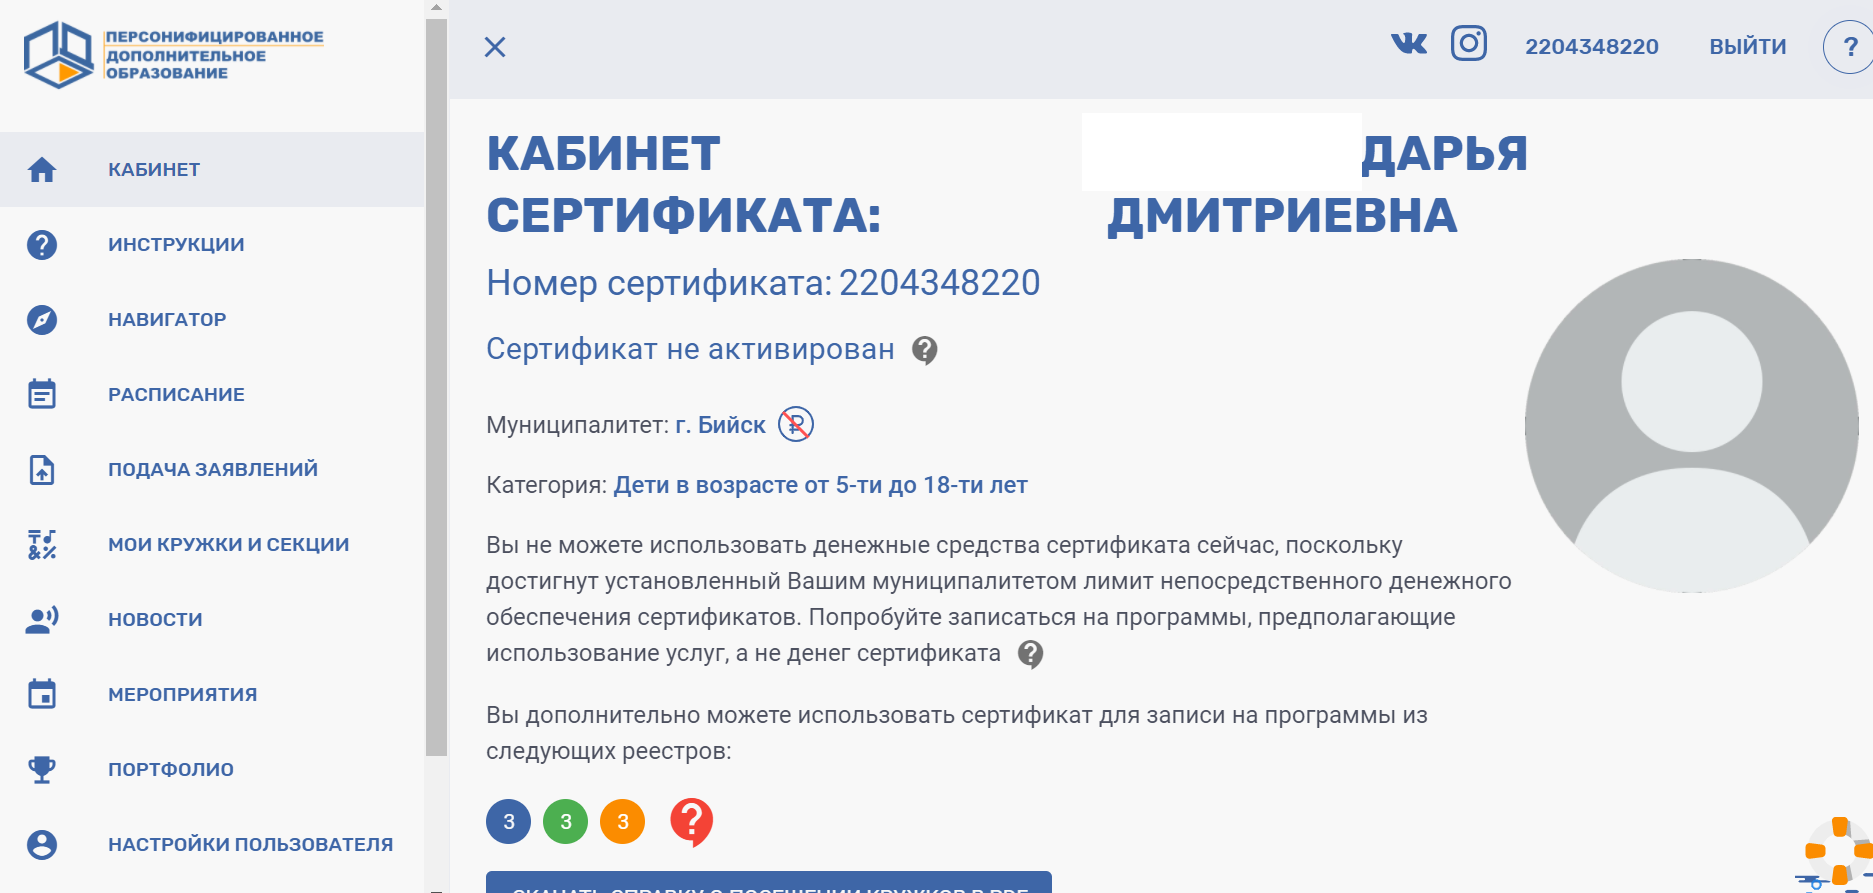 Сертификат в личном кабинете на портале ПФДО